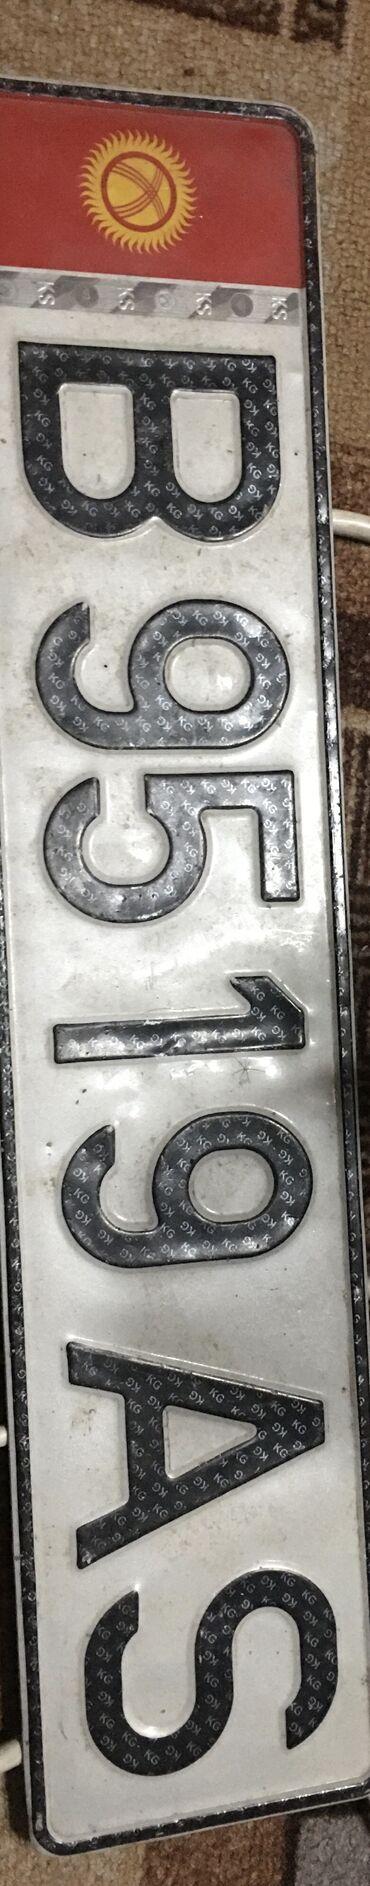 Бюро находок - Кыргызстан: Нашли гос номер с ново-Покровка 17,04